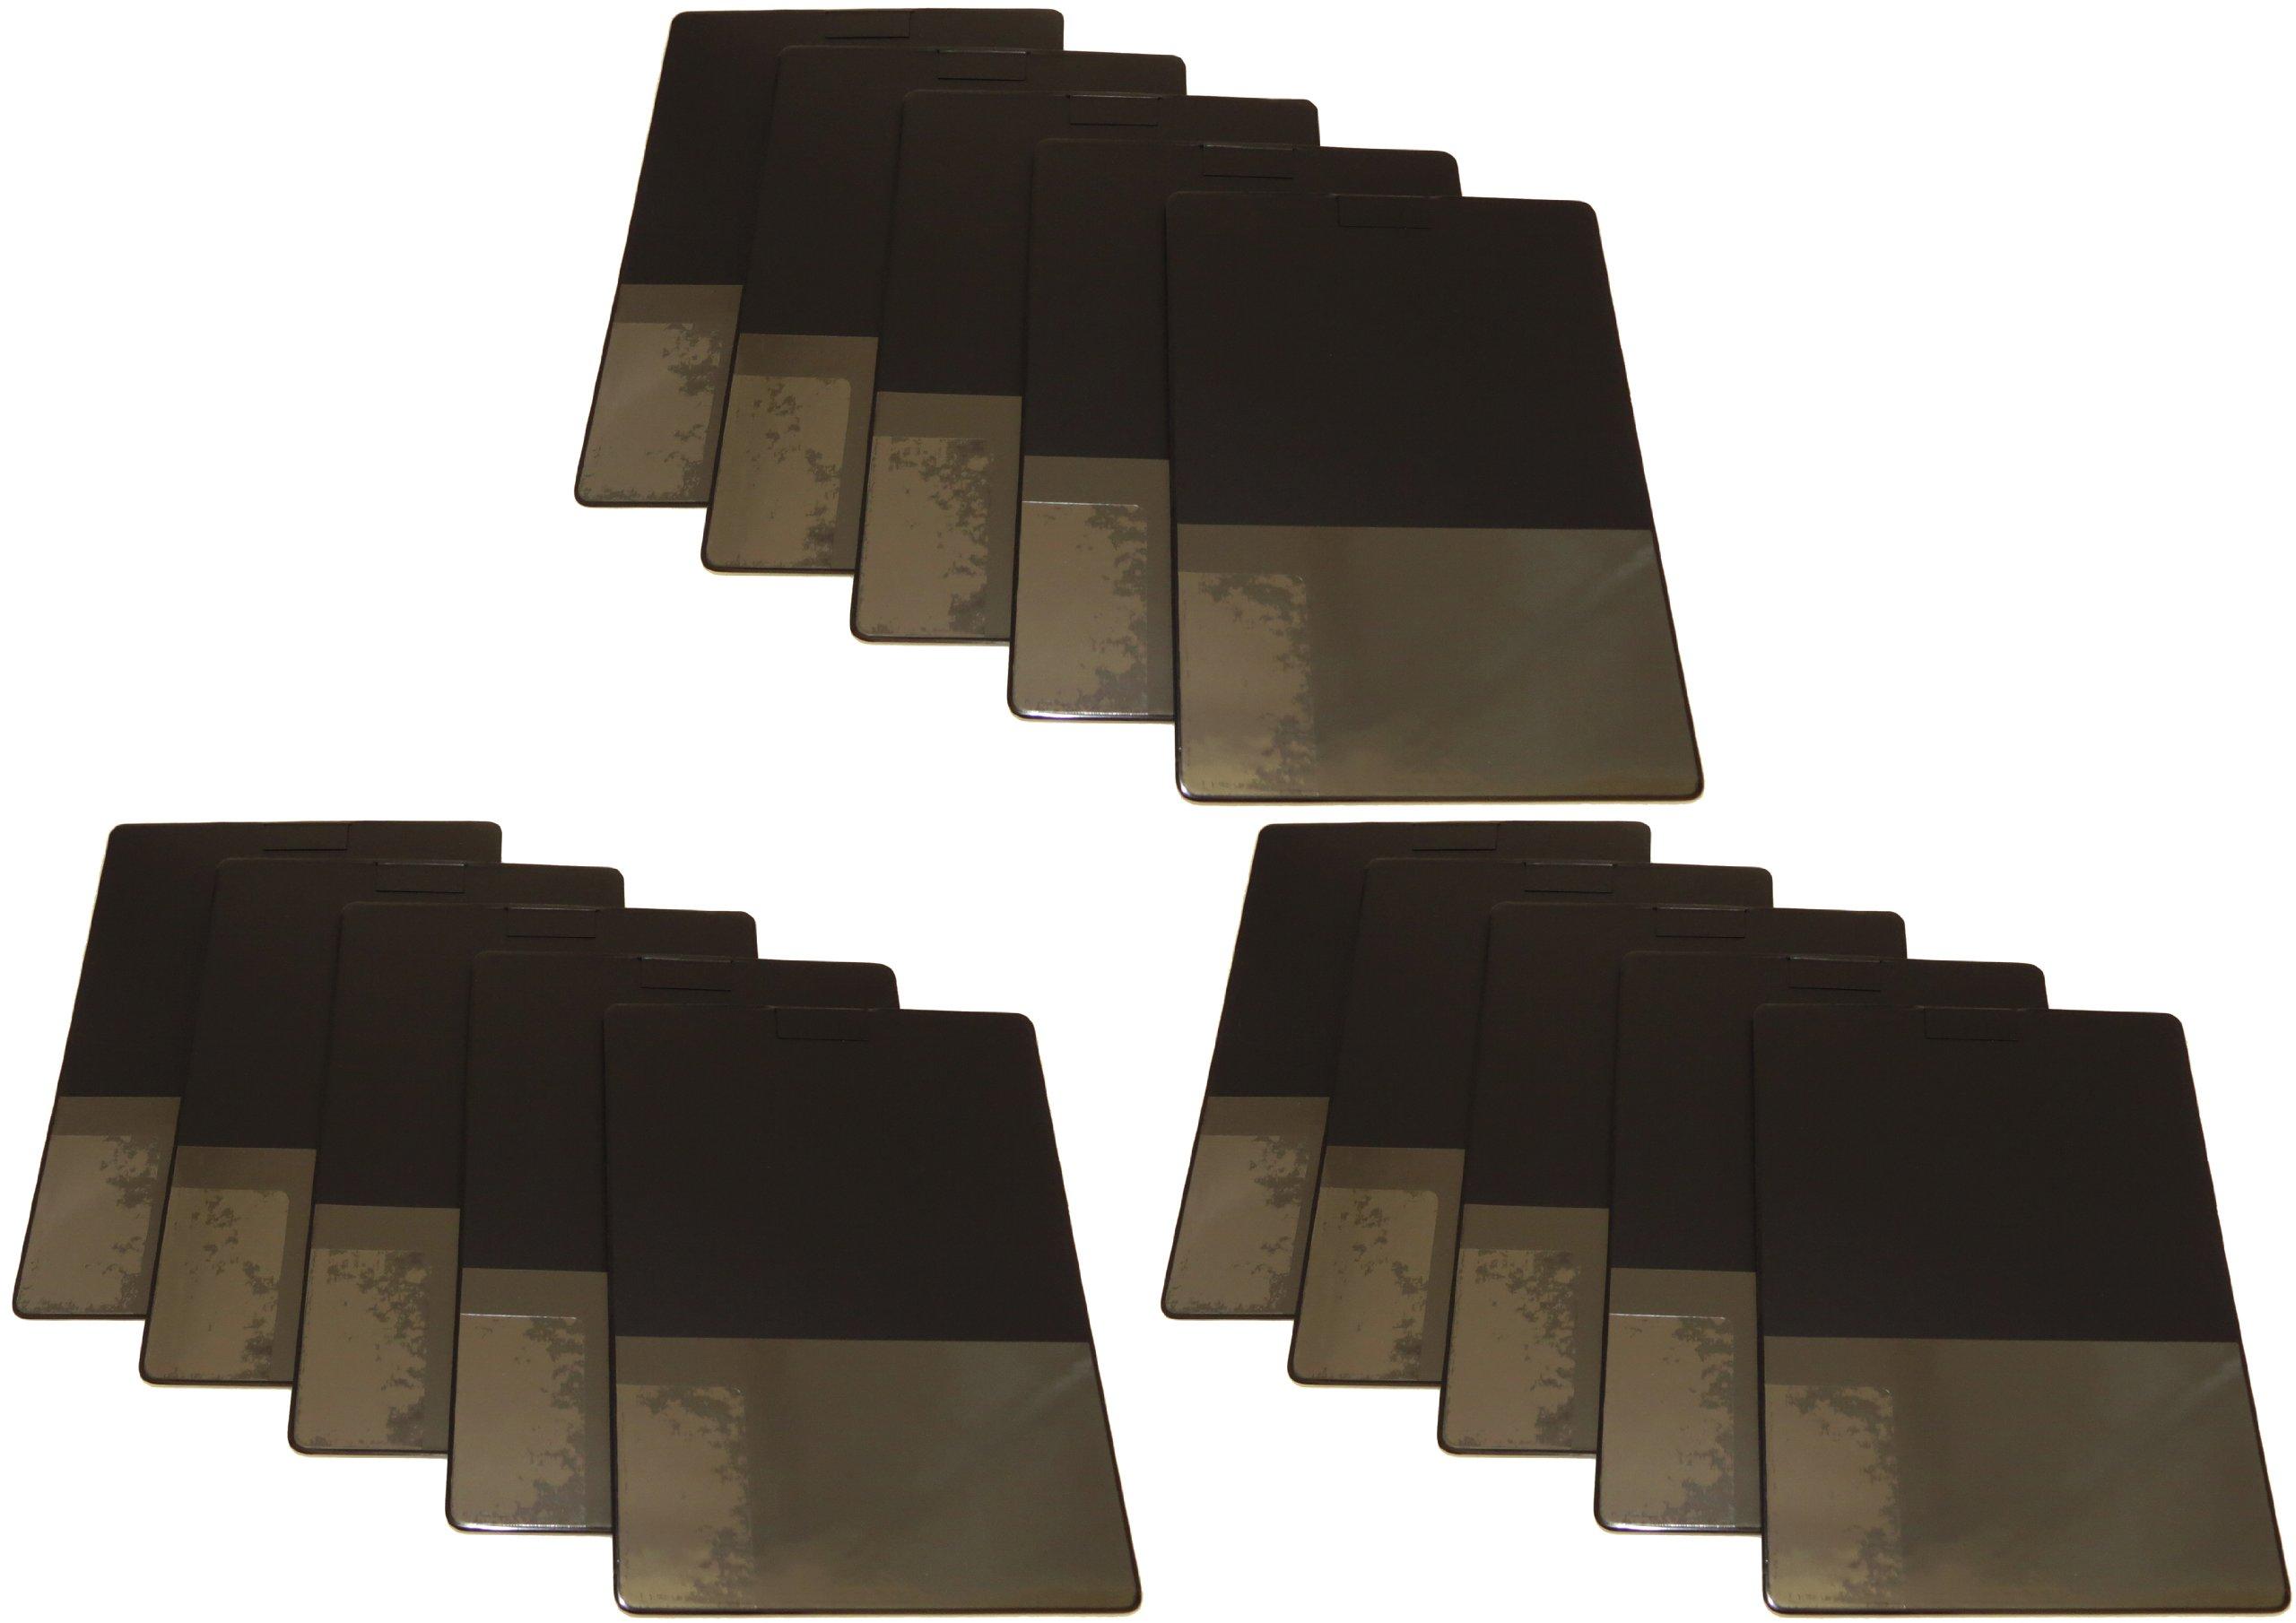 Lapboard Pocket Board Document Holder - Package of 15 (Black)